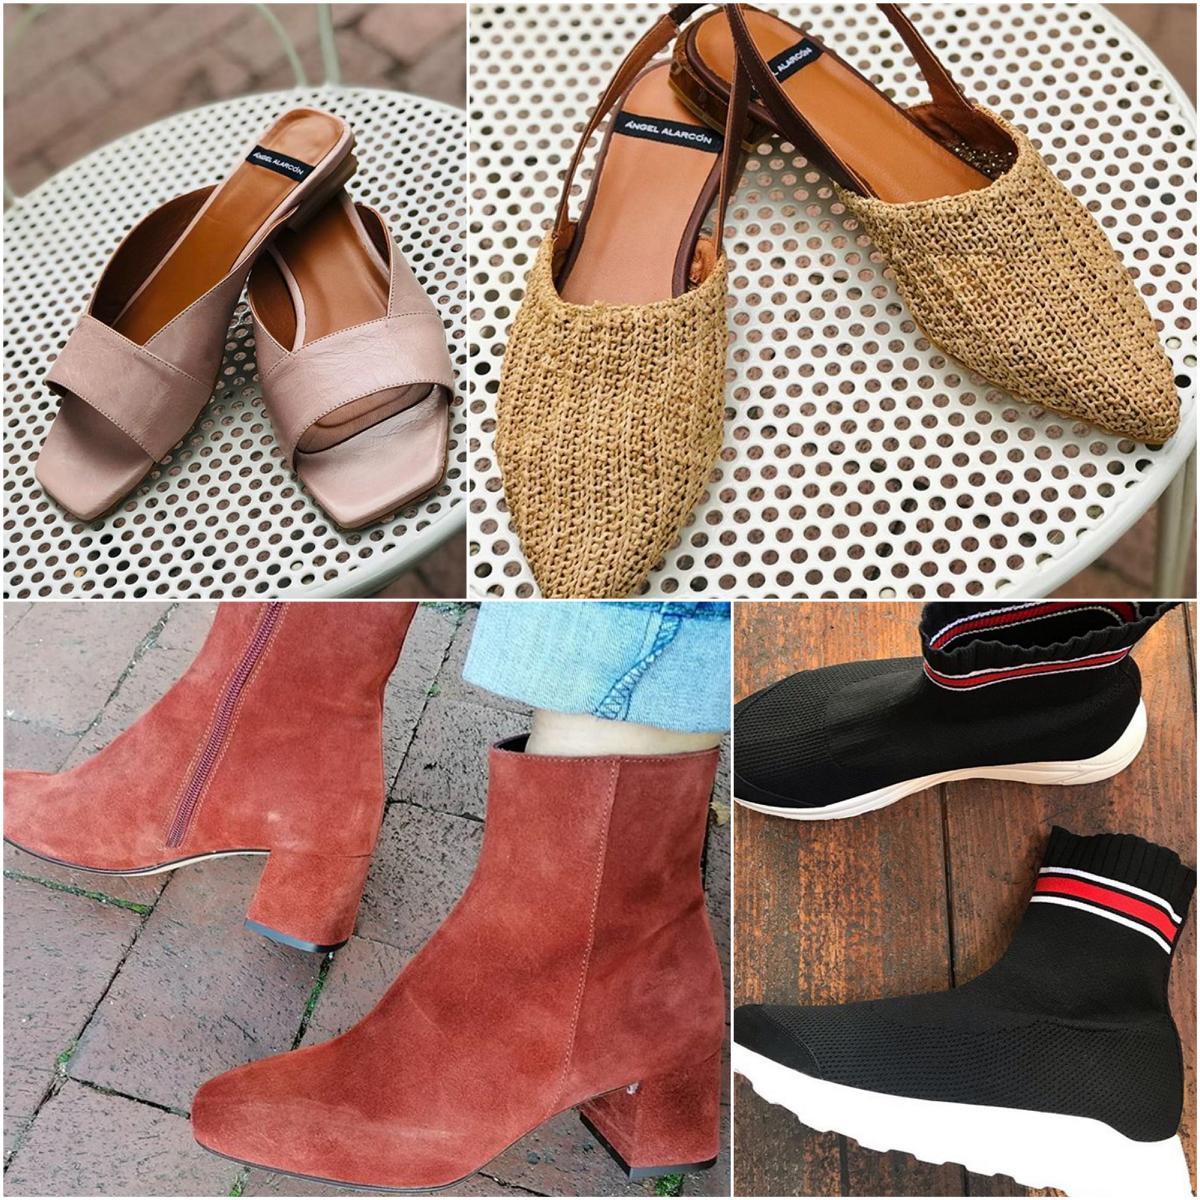 Style Hannover Anne Behne collage - Anne Behne - Schuhe und Accessoires